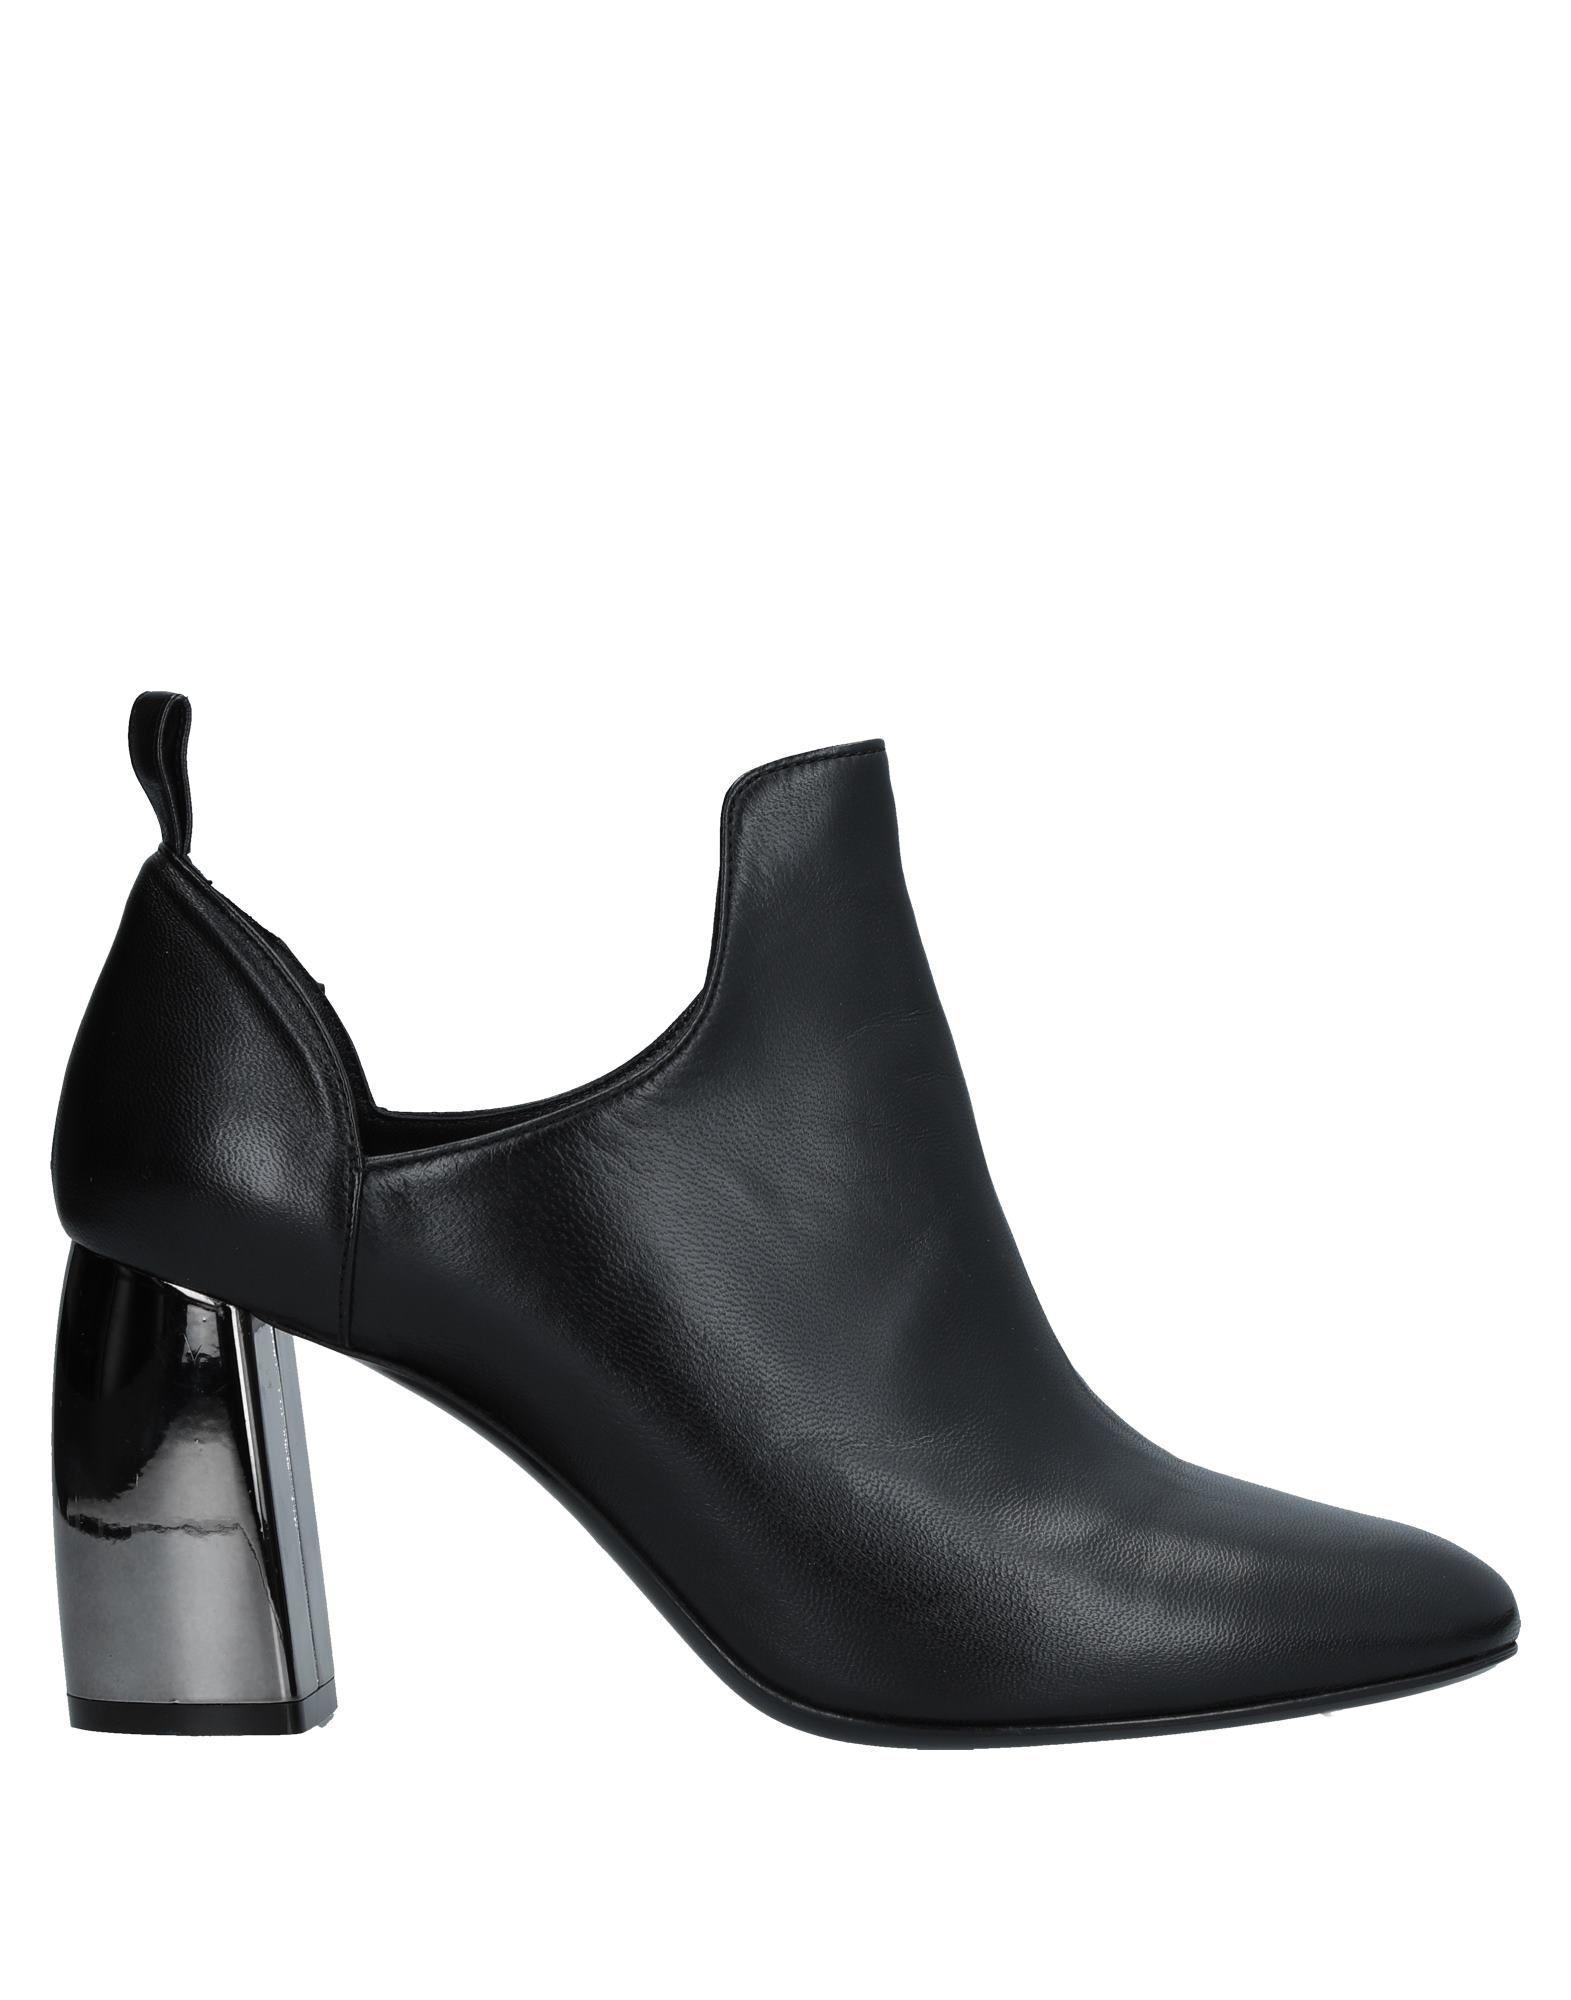 Marc Ellis Stiefelette Damen  11536765WW Gute Qualität beliebte Schuhe